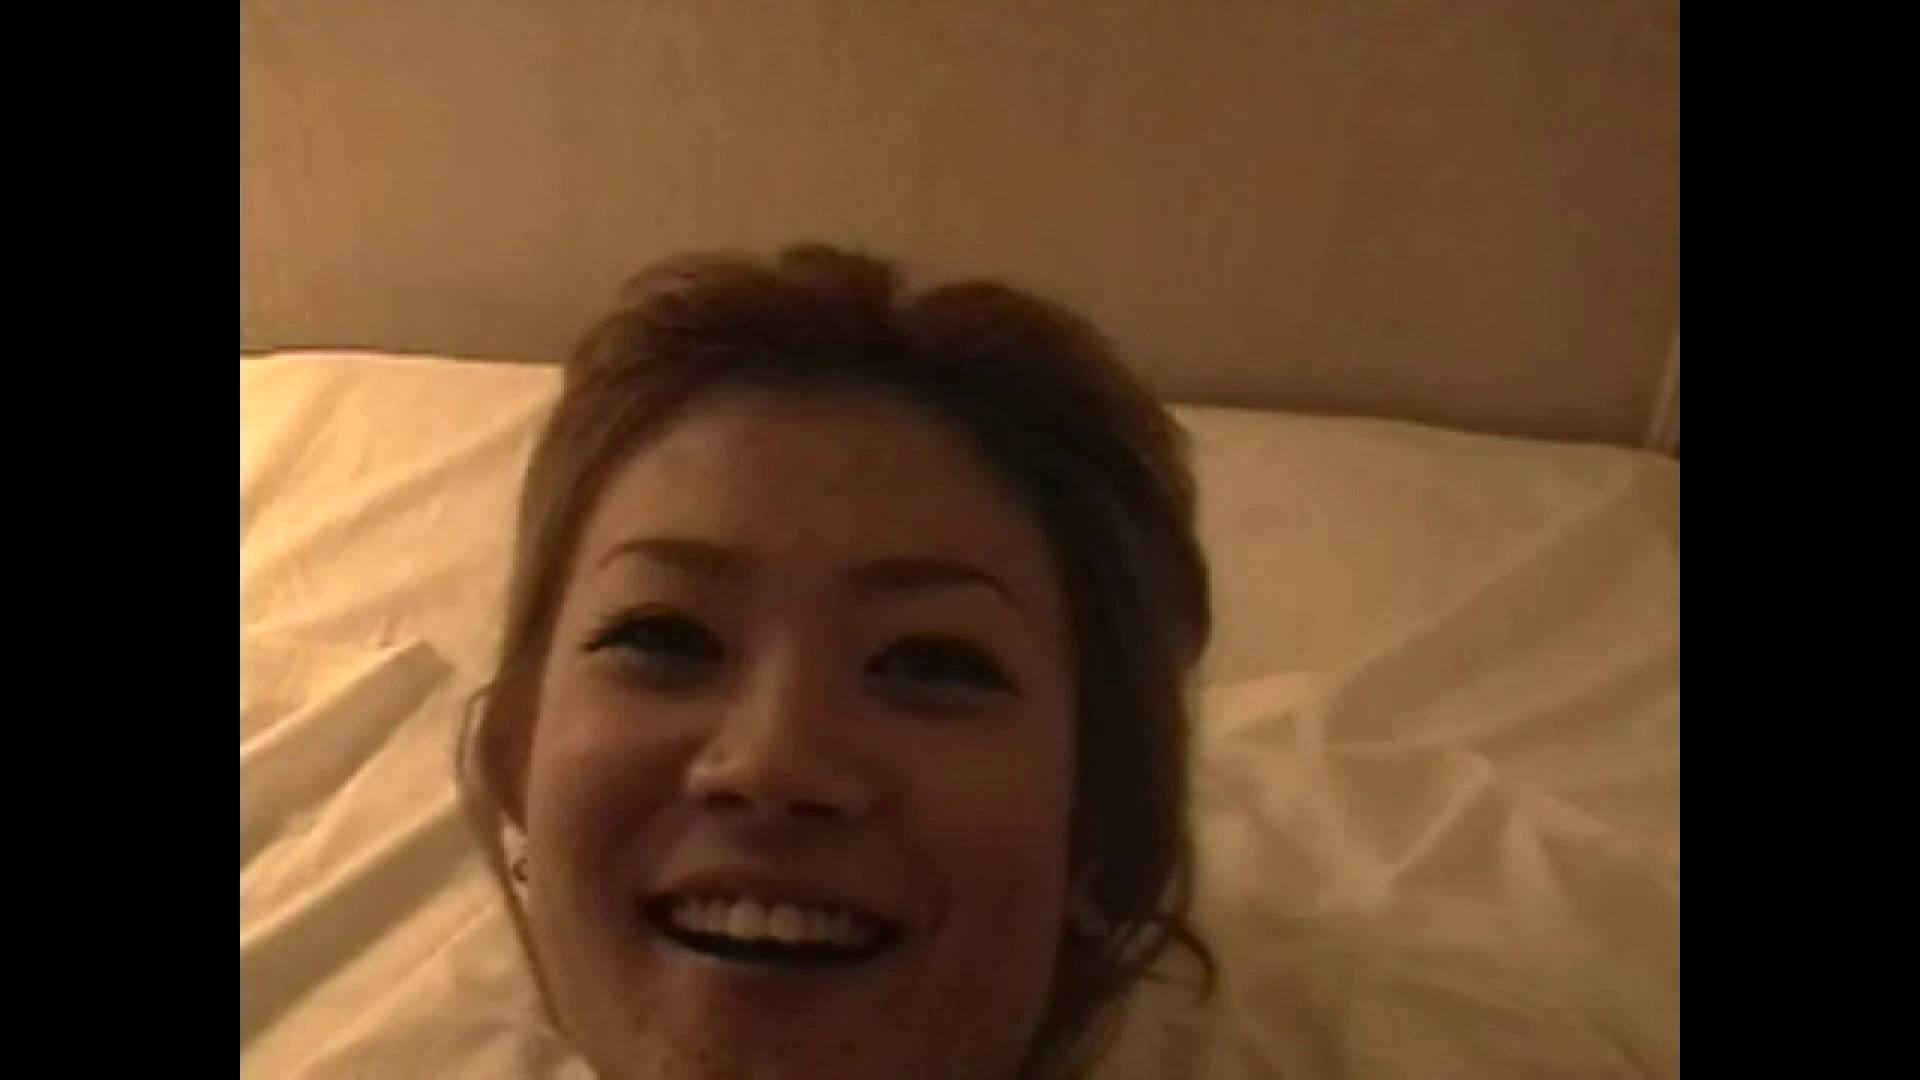 ノンケイケメンの欲望と肉棒 Vol.20 肉にく男子 男同士動画 111枚 107